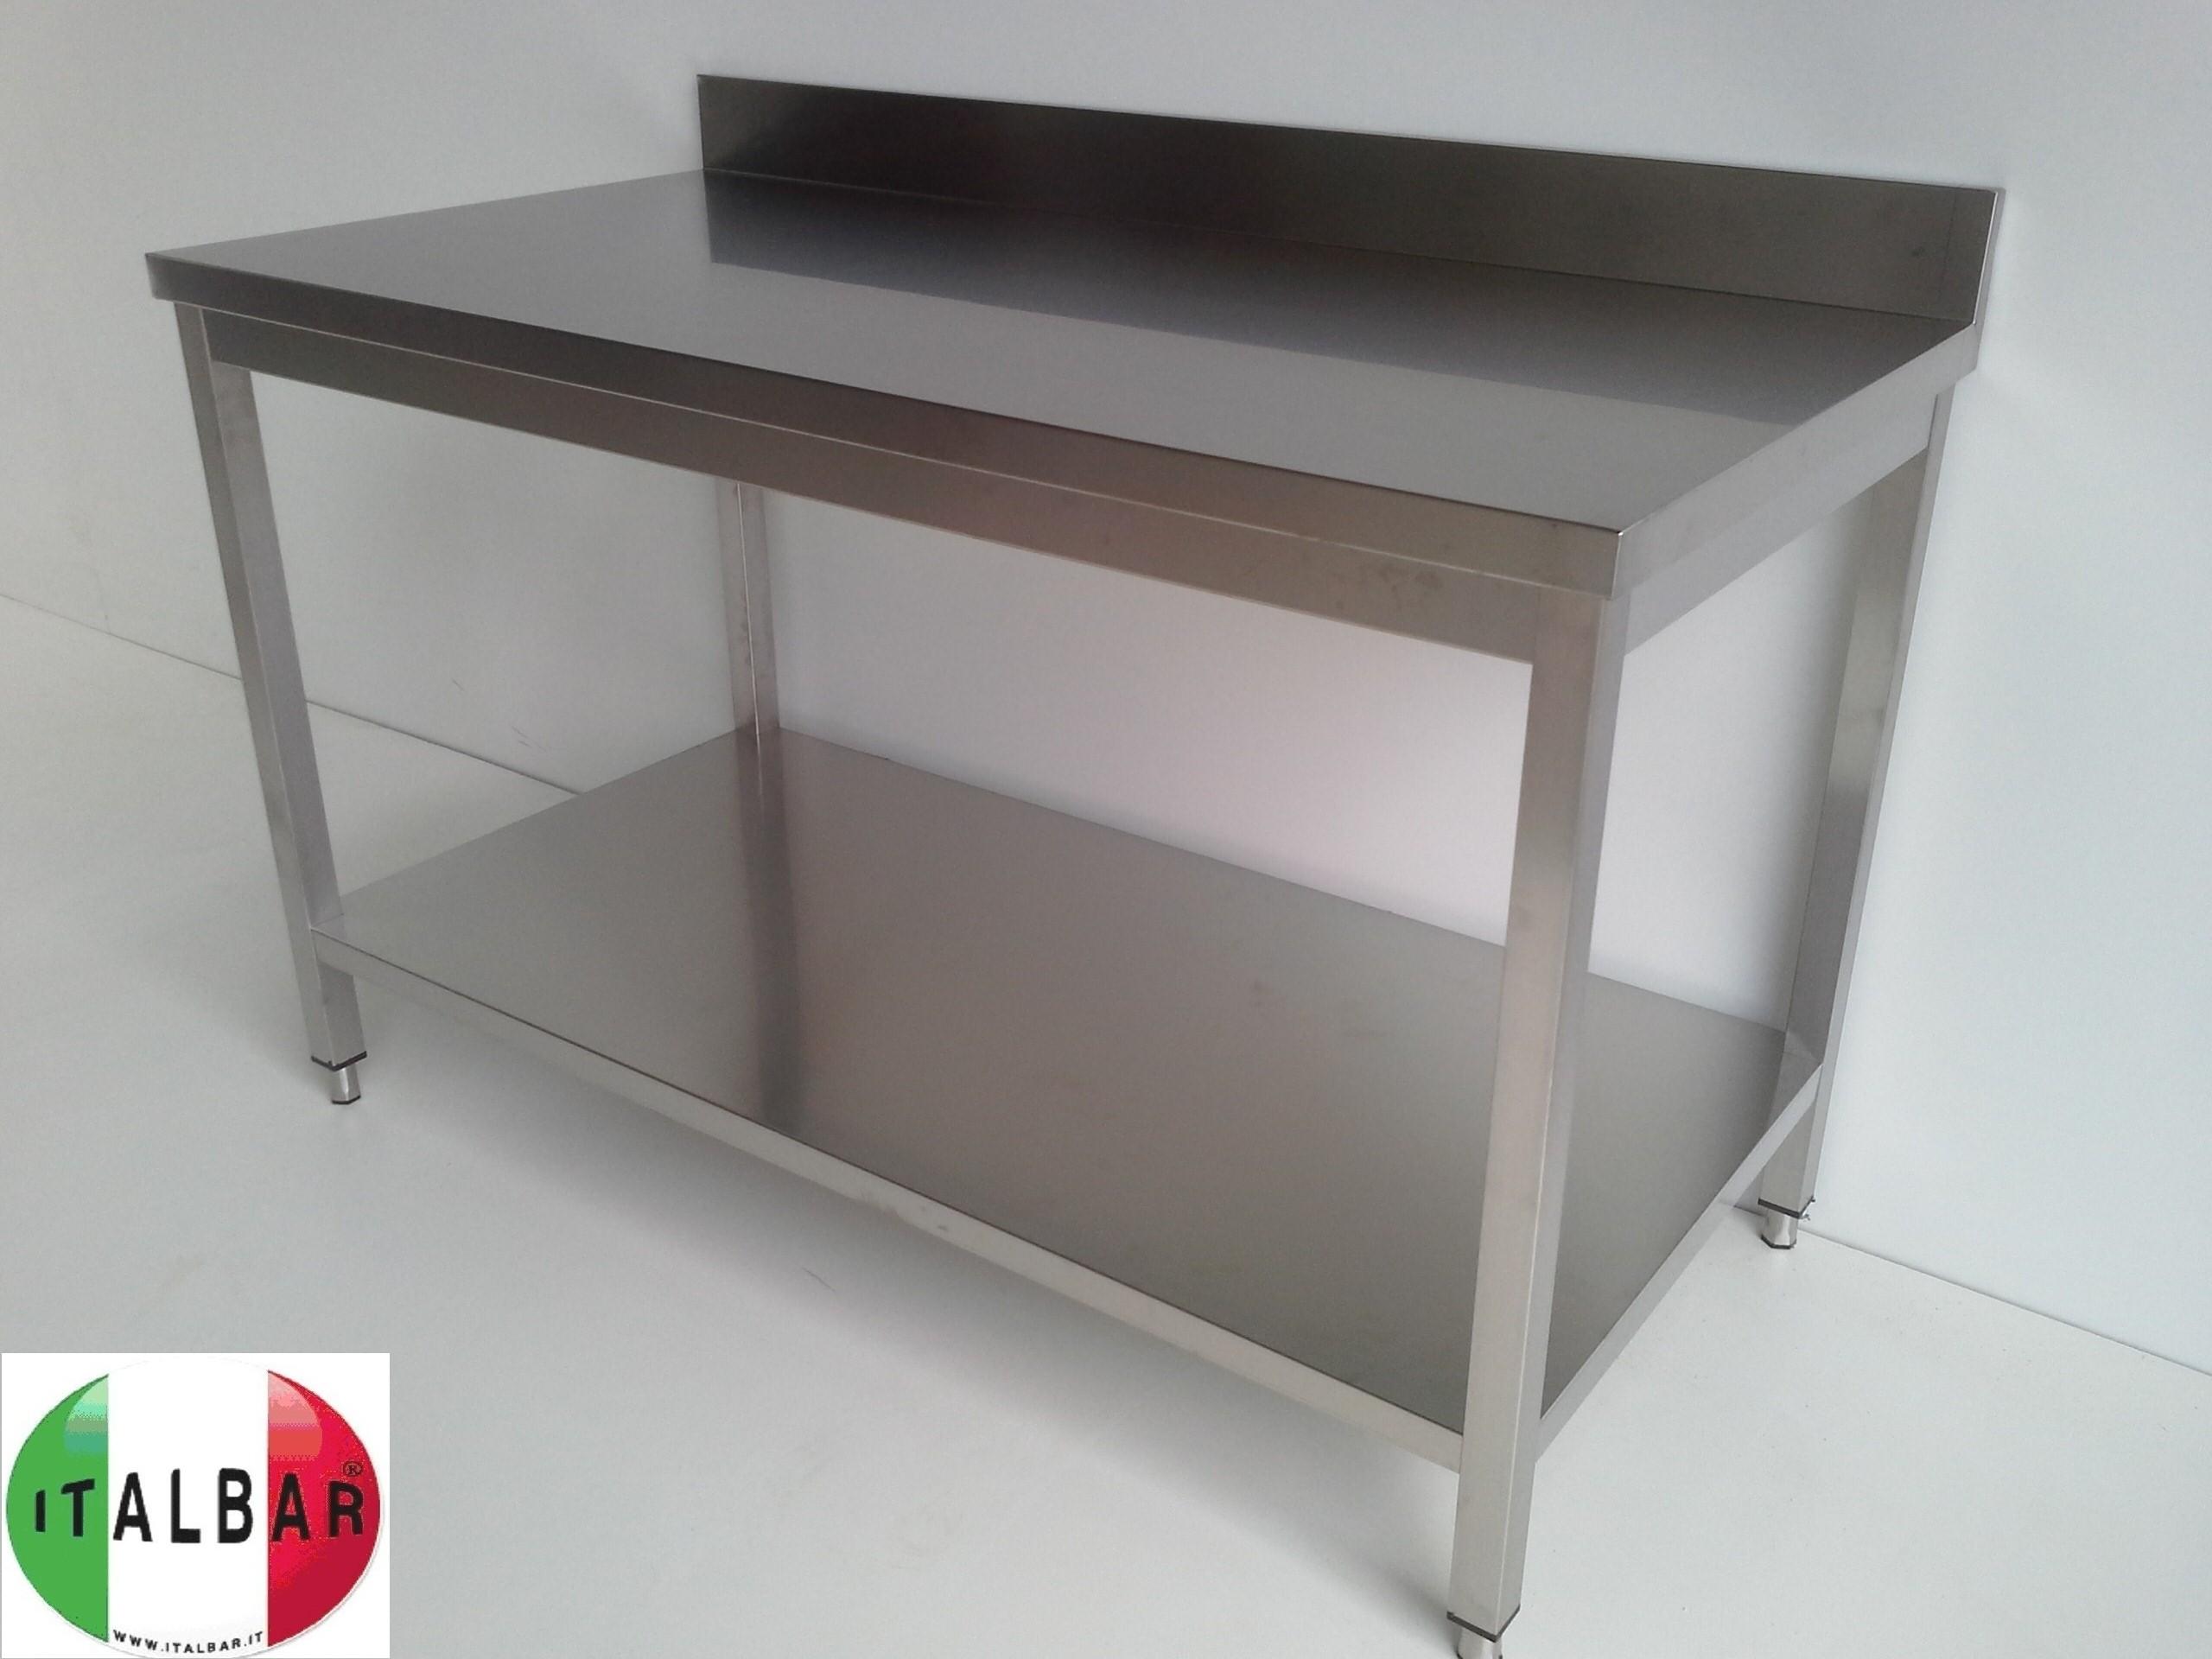 Stosa cucine 2017 - Tavolo in acciaio inox usato ...